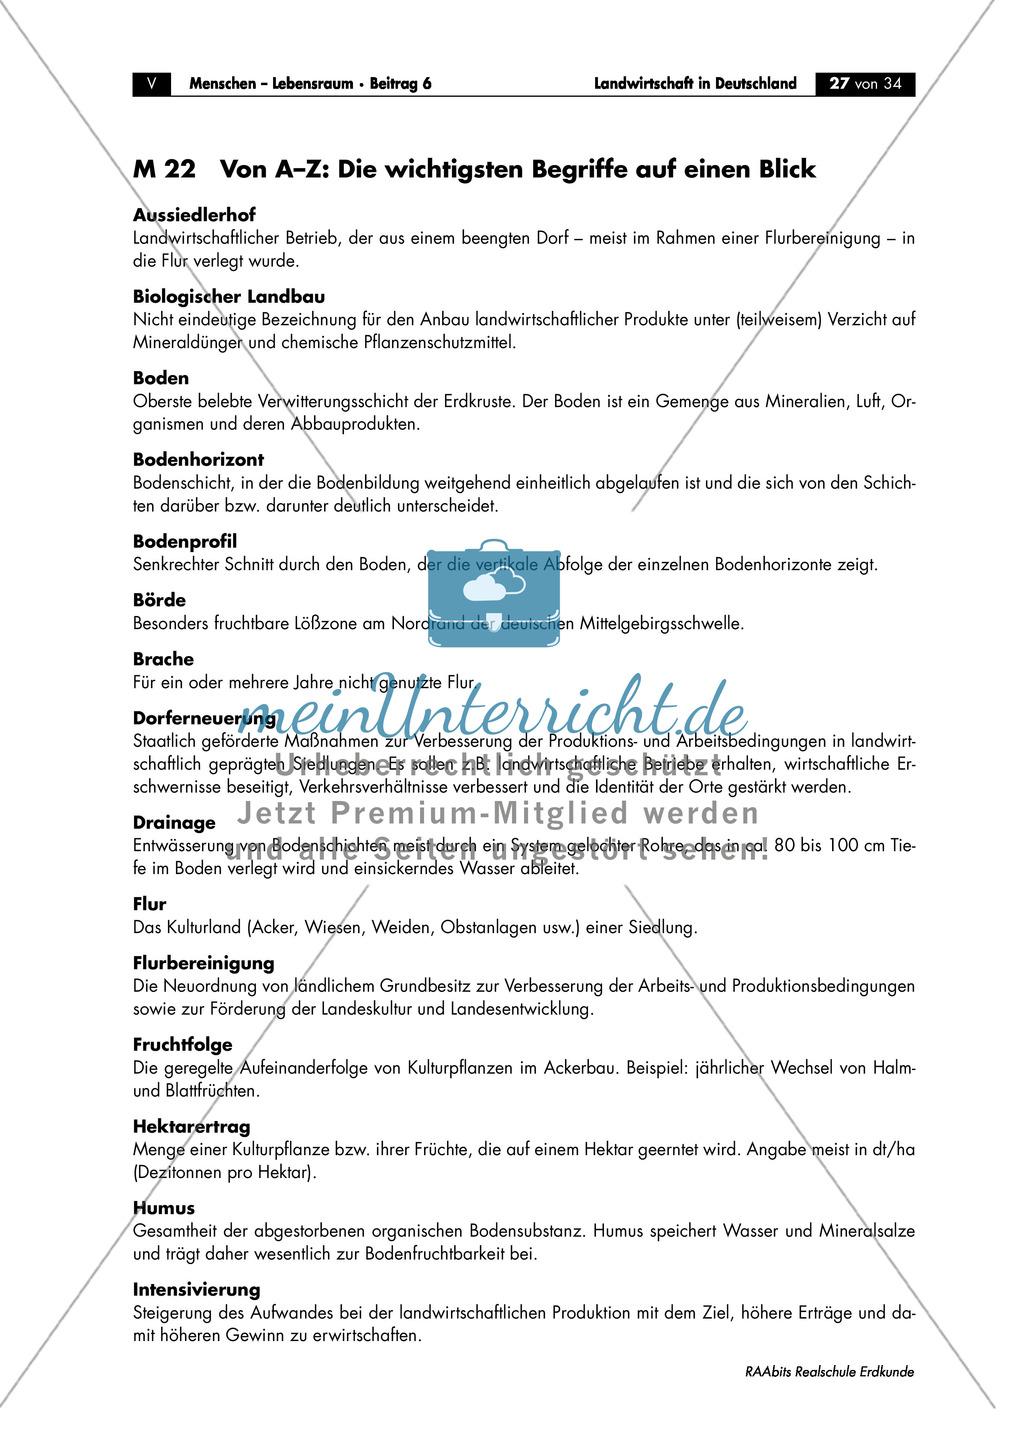 Landwirtschaft in Deutschland: Terminologie Preview 0